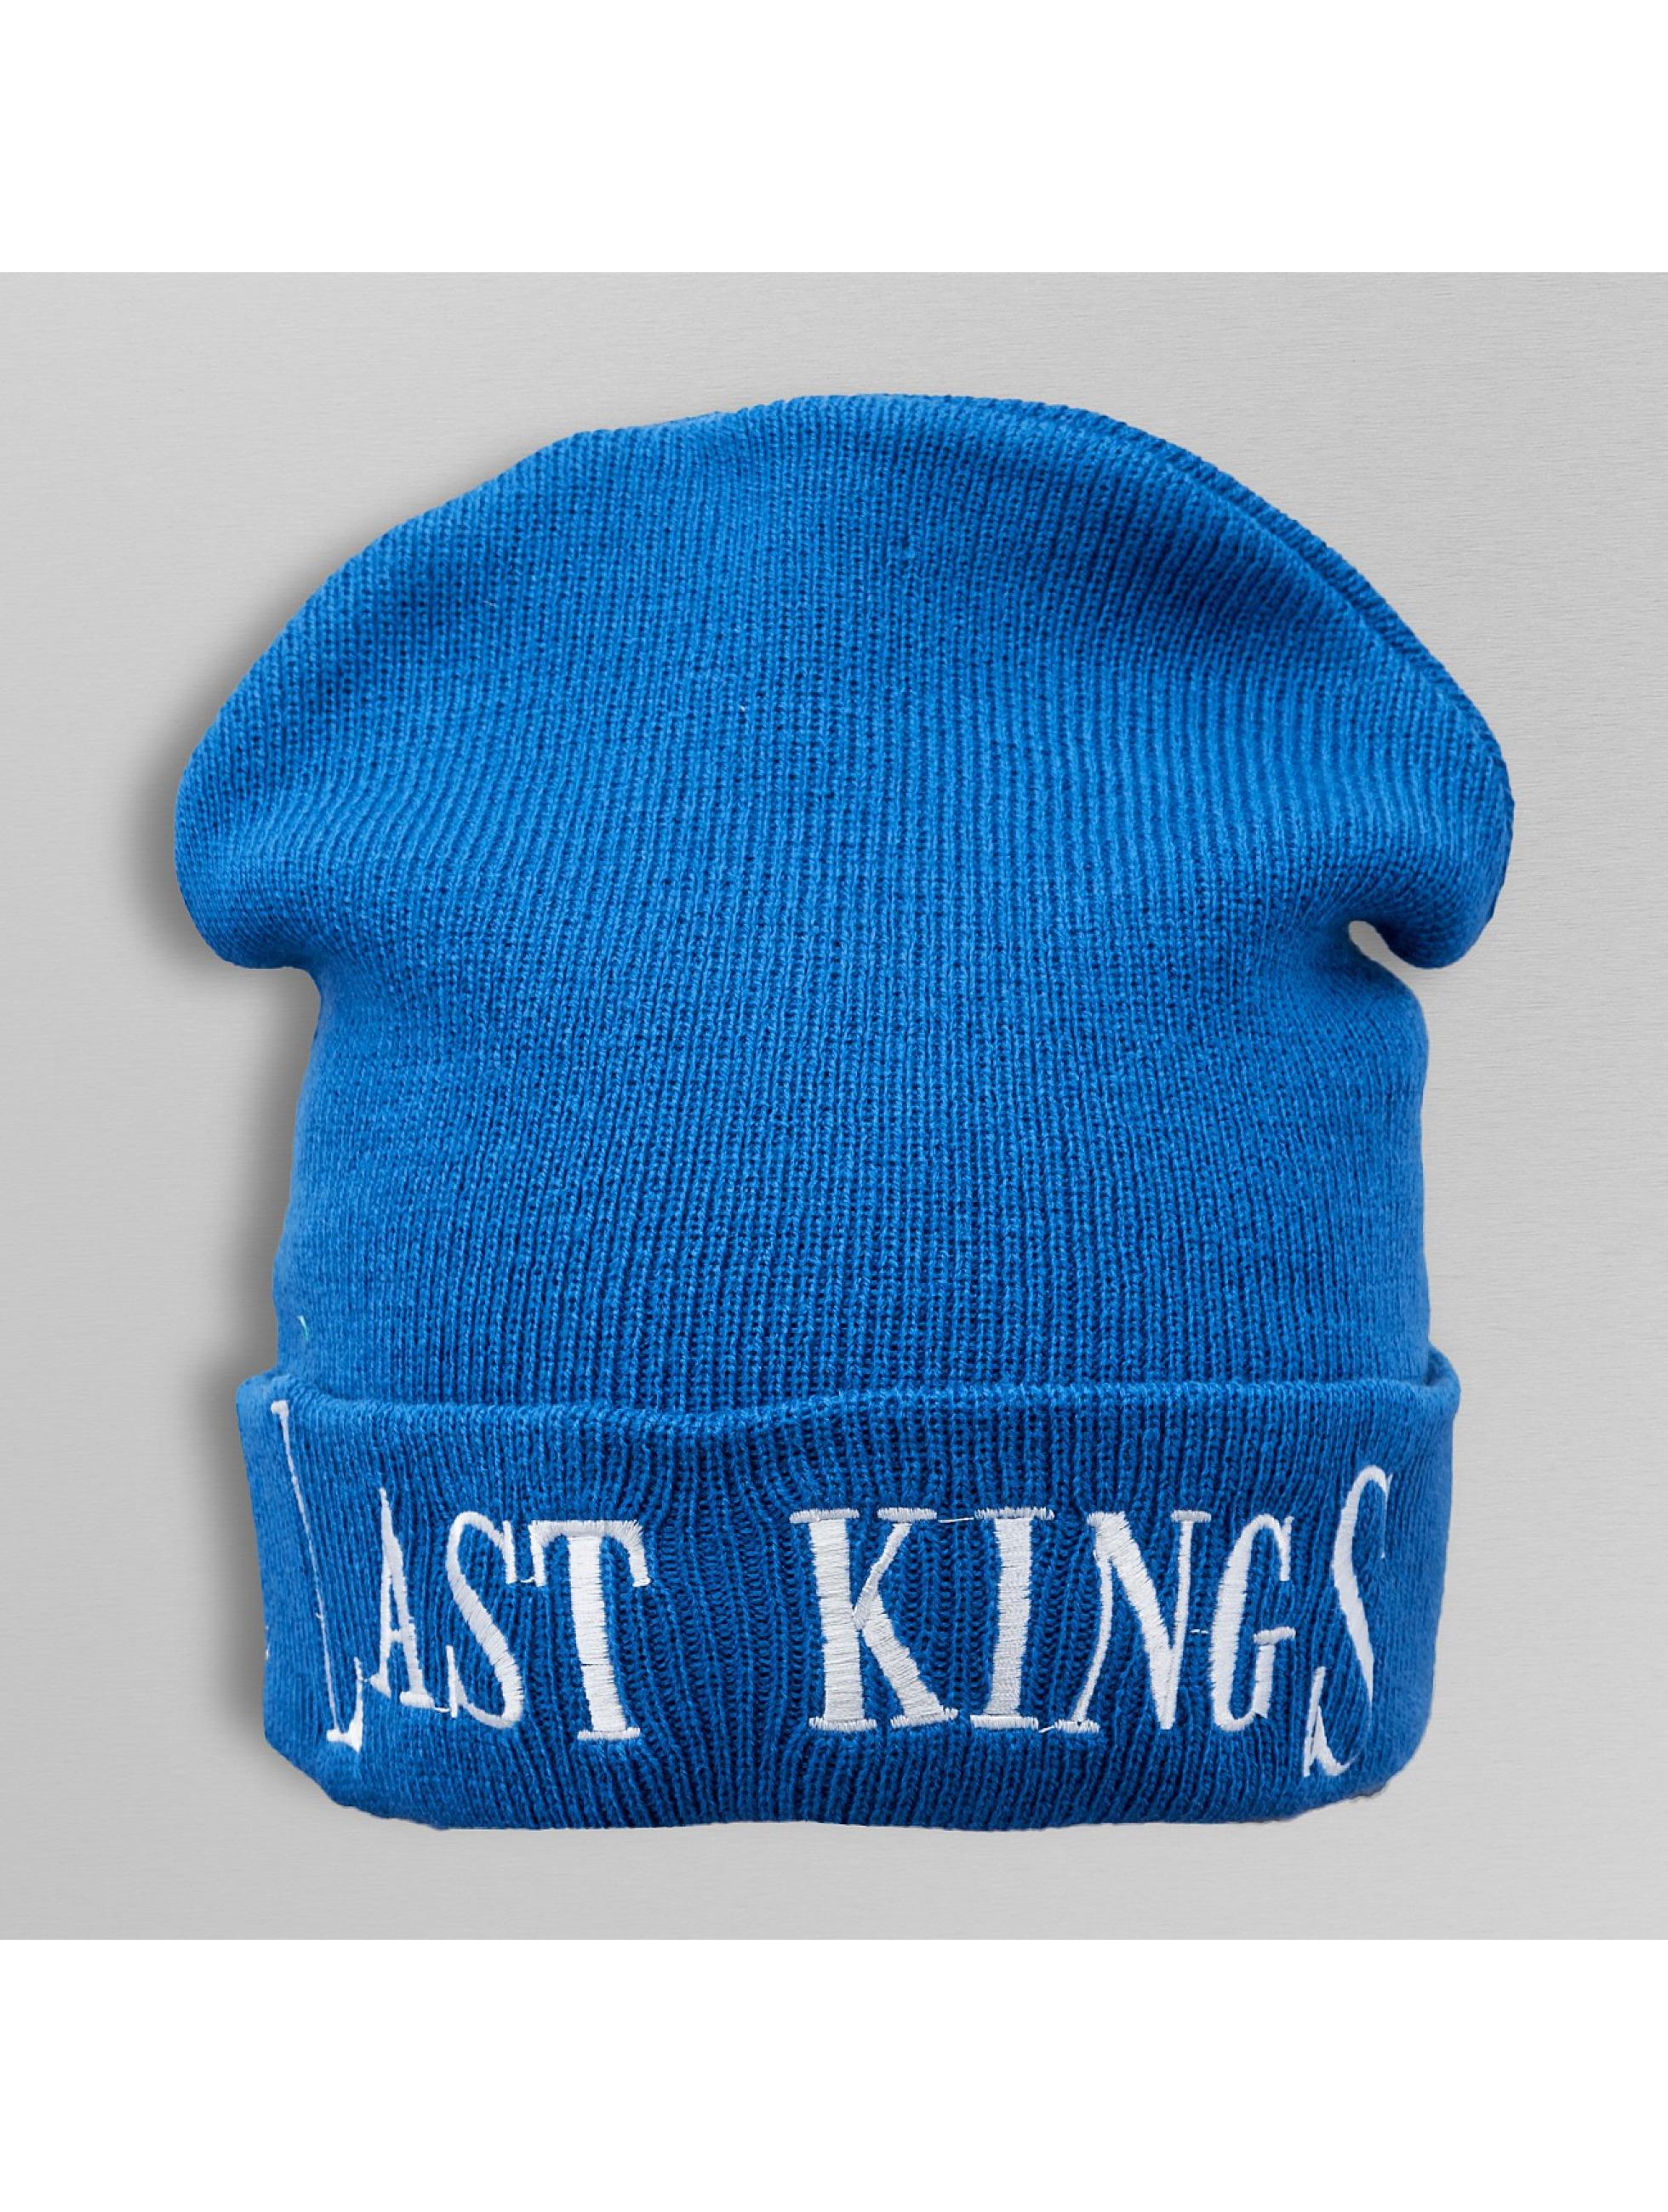 Last Kings Pipot Pharoh sininen